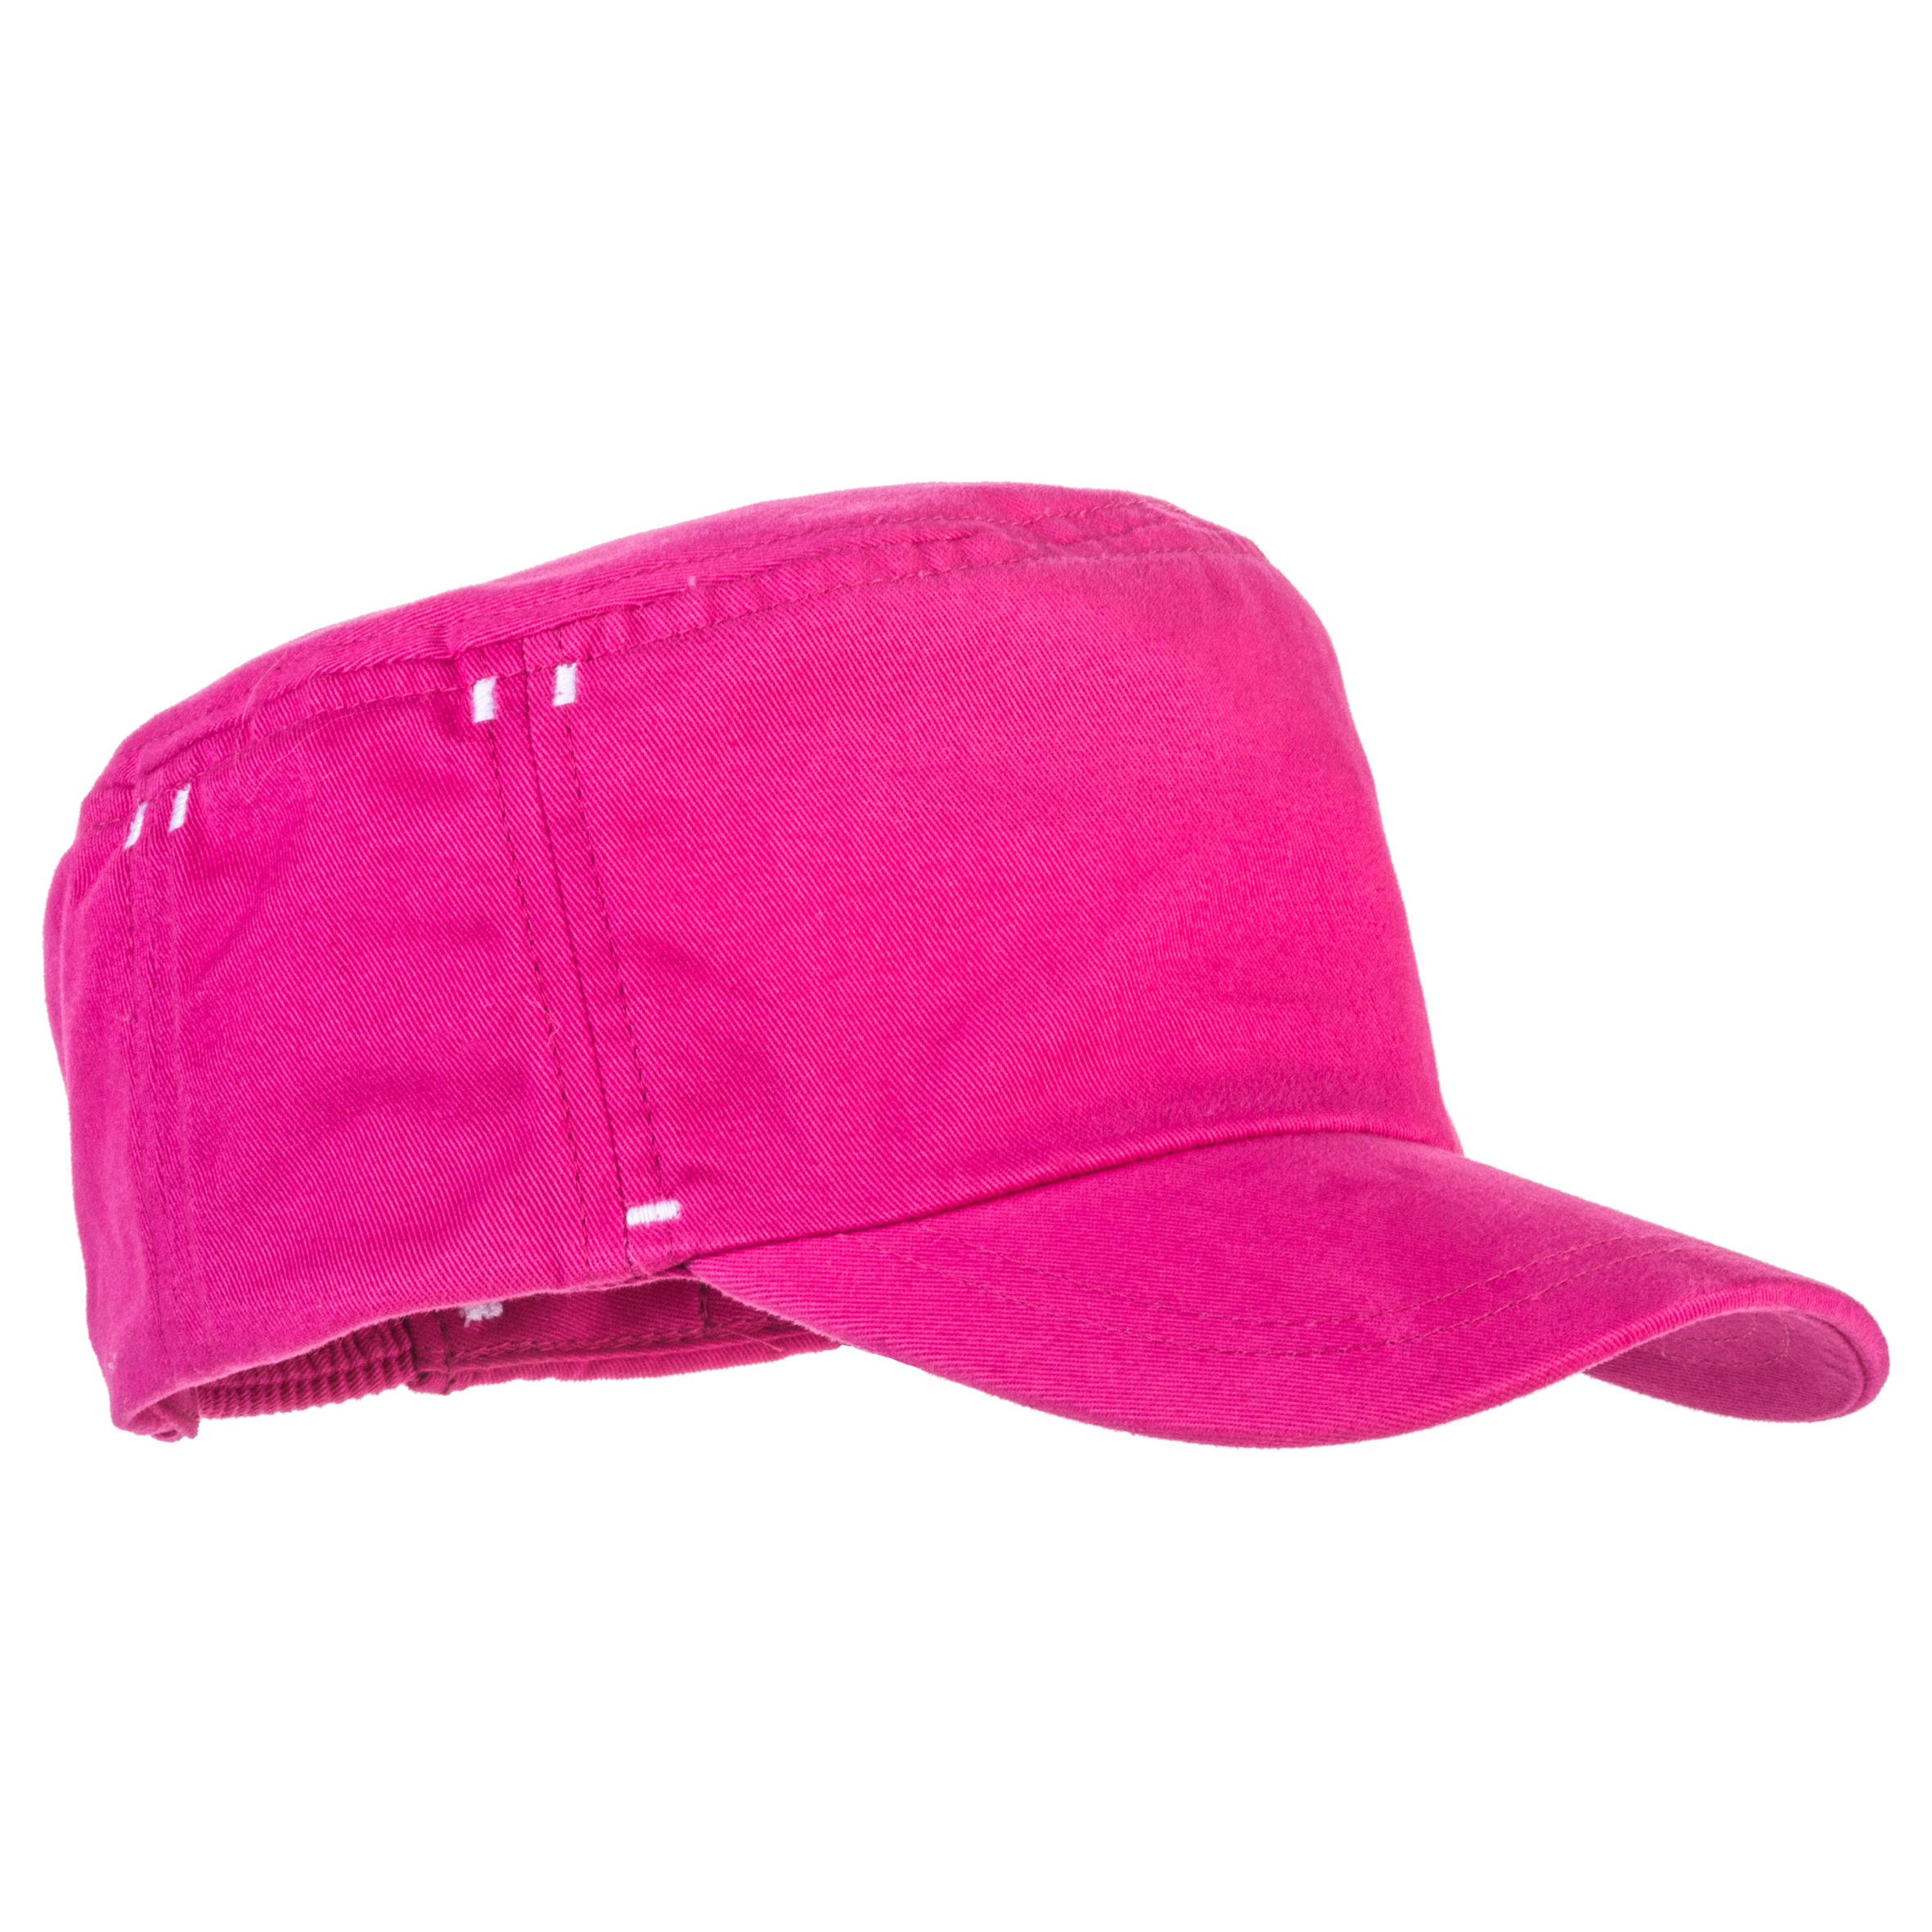 Domyos Gympet 500 voor peuters en kleuters, roze met opdruk